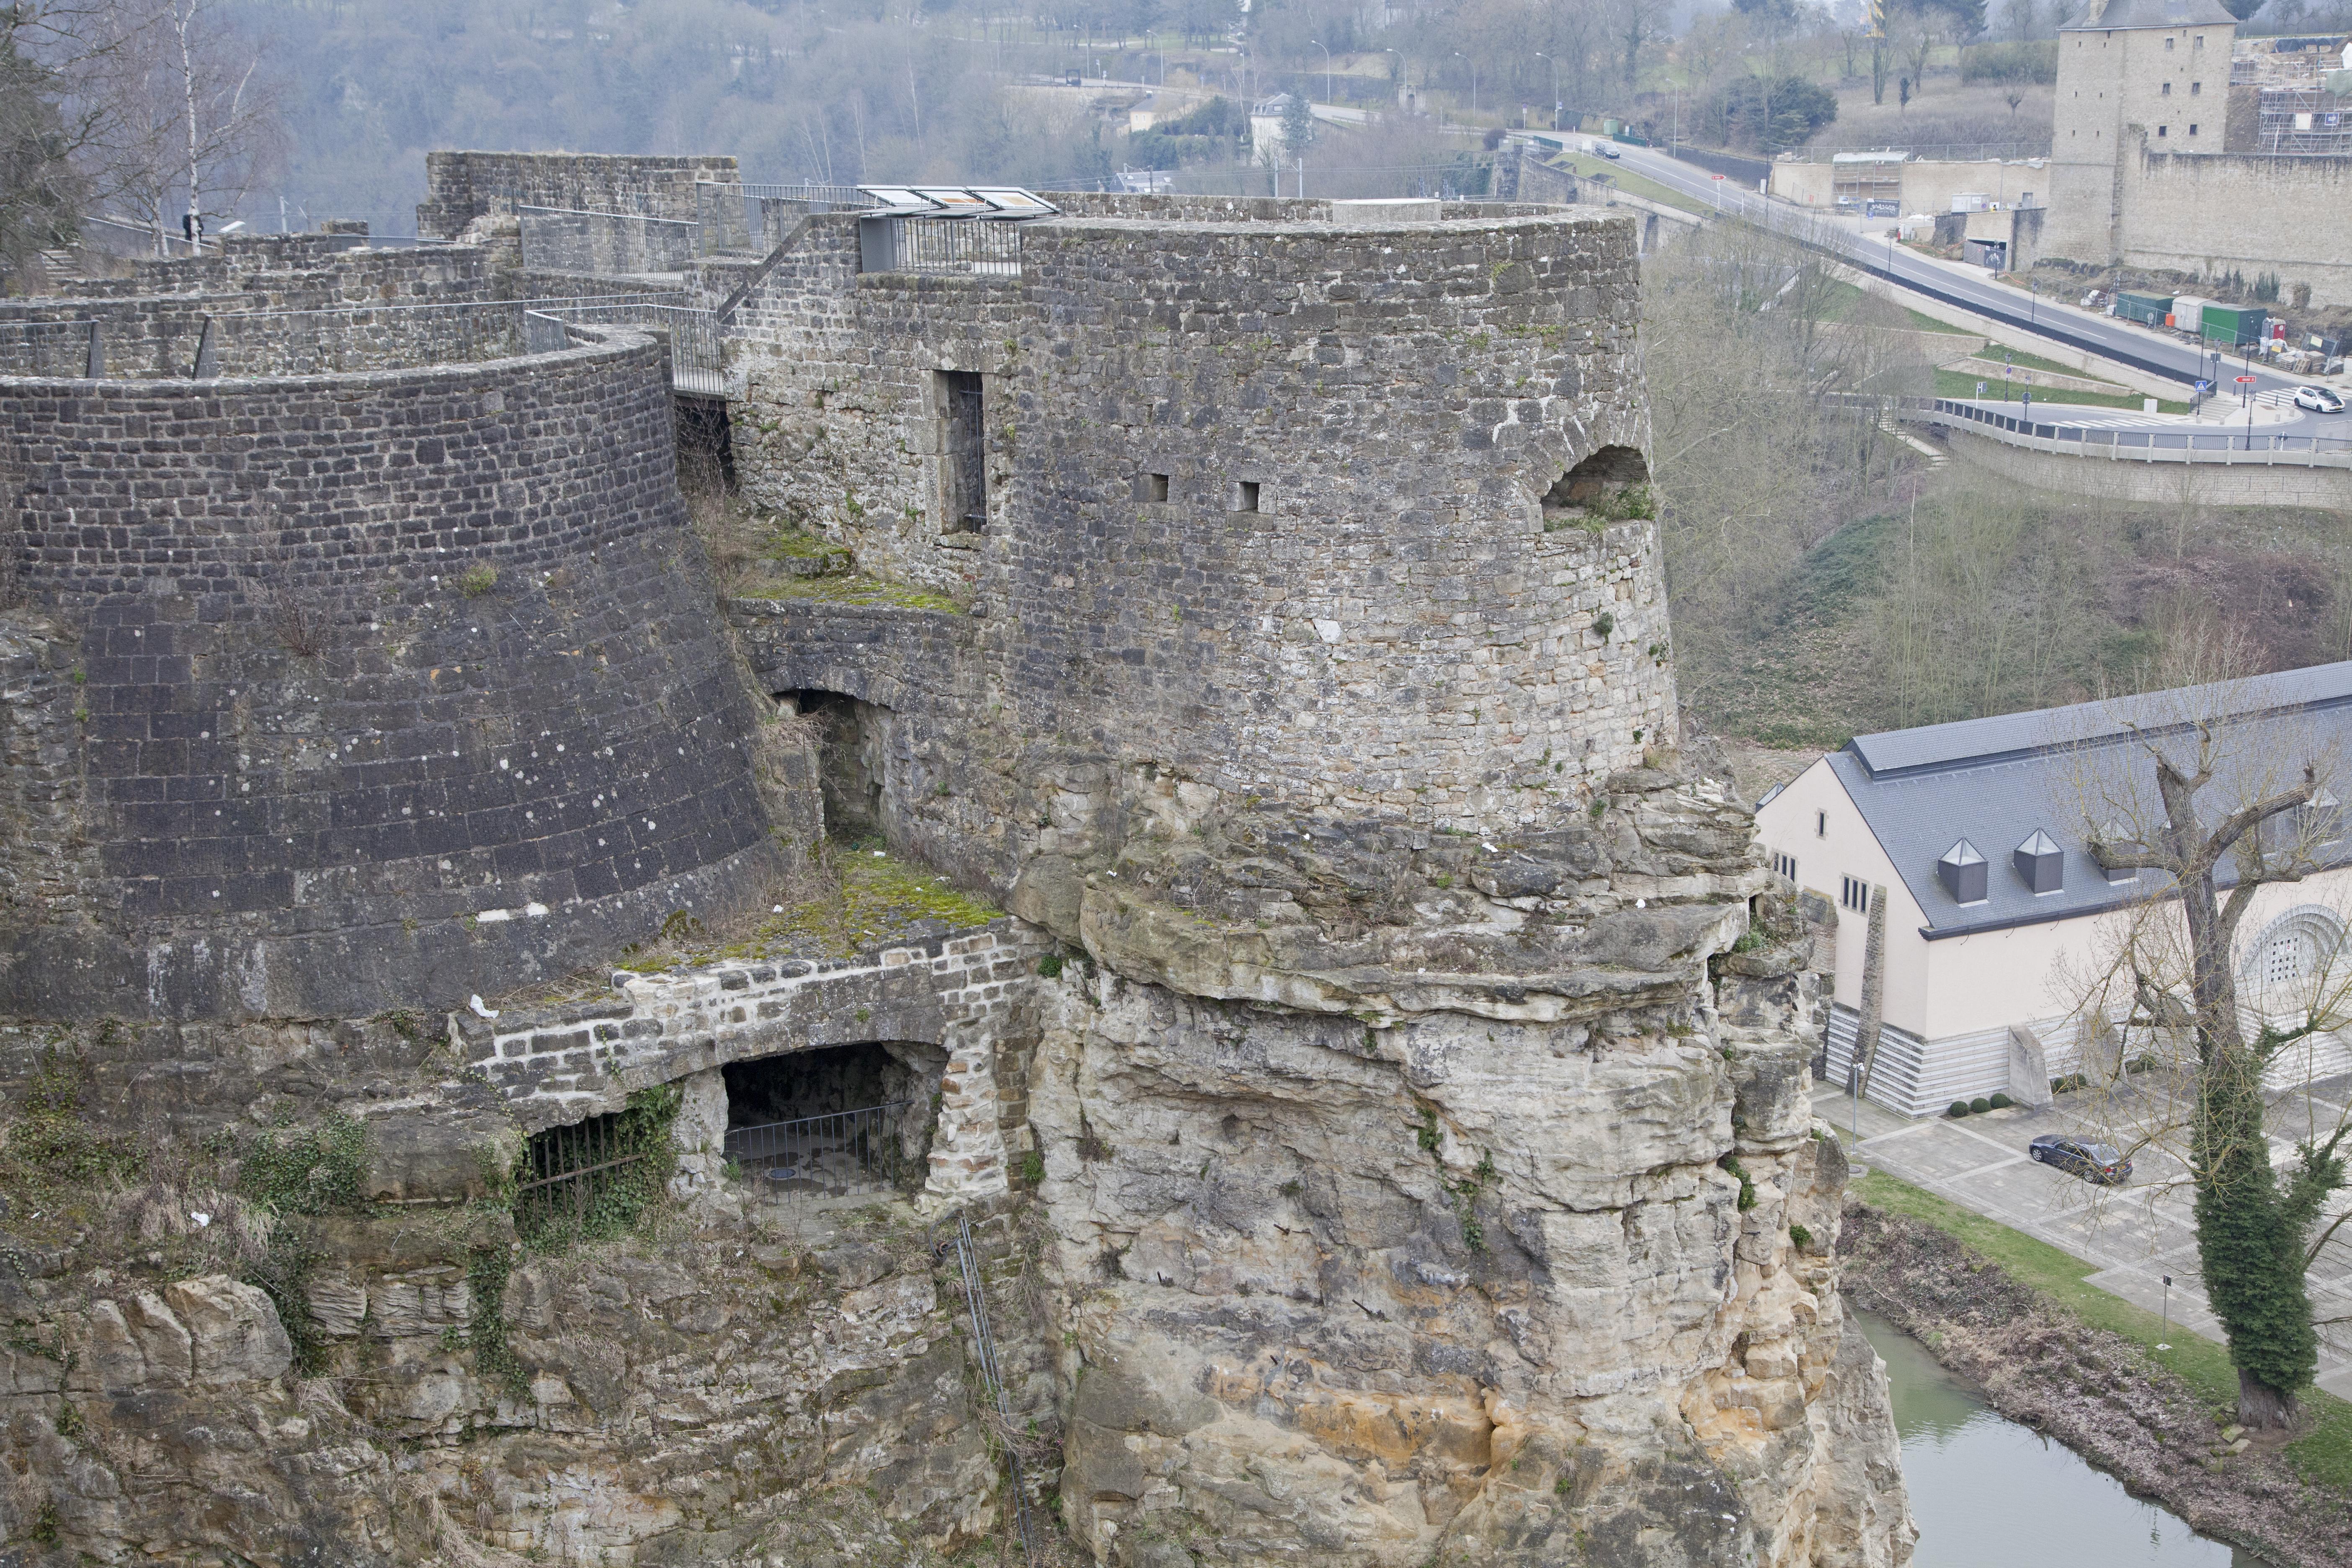 Las Casamatas de Bock en Luxemburgo - Francia Circuito La Ruta del Champagne, Luxemburgo y Alsacia